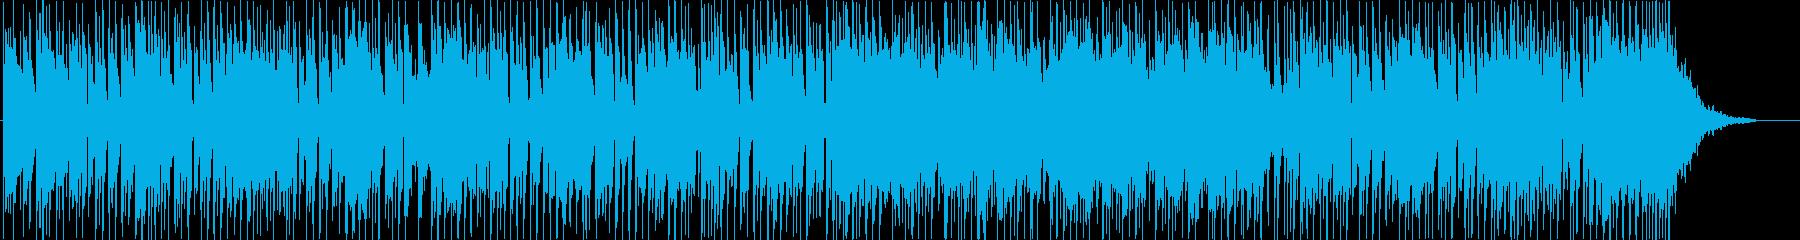 和風ファンクロック、疾走感のある三味線の再生済みの波形